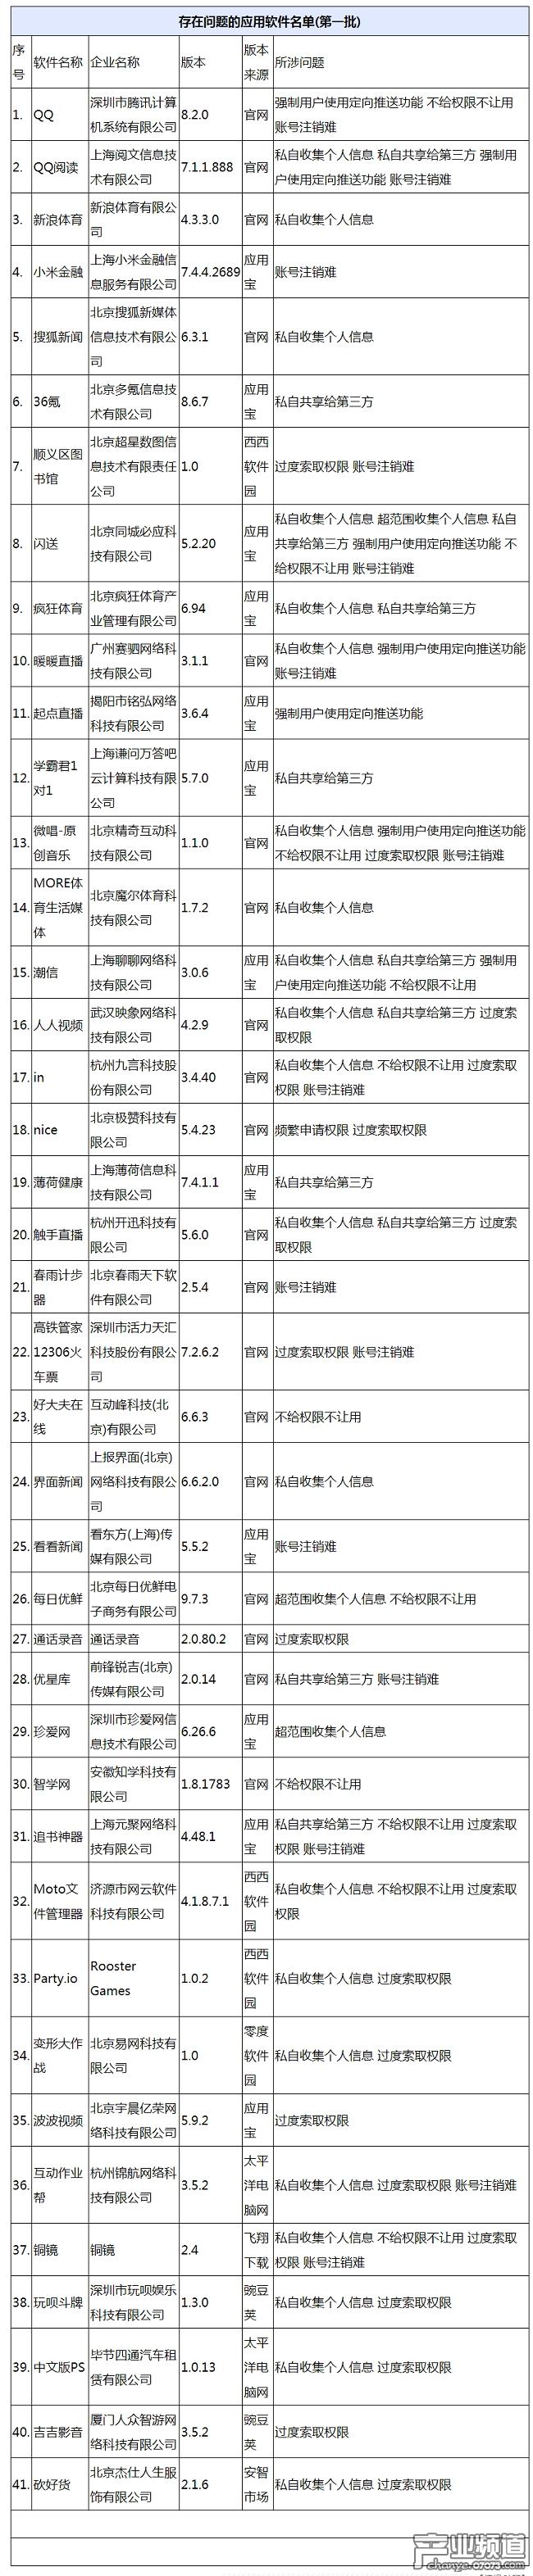 工信部通报第一批侵害用户权益APP 含腾讯QQ等41款应用